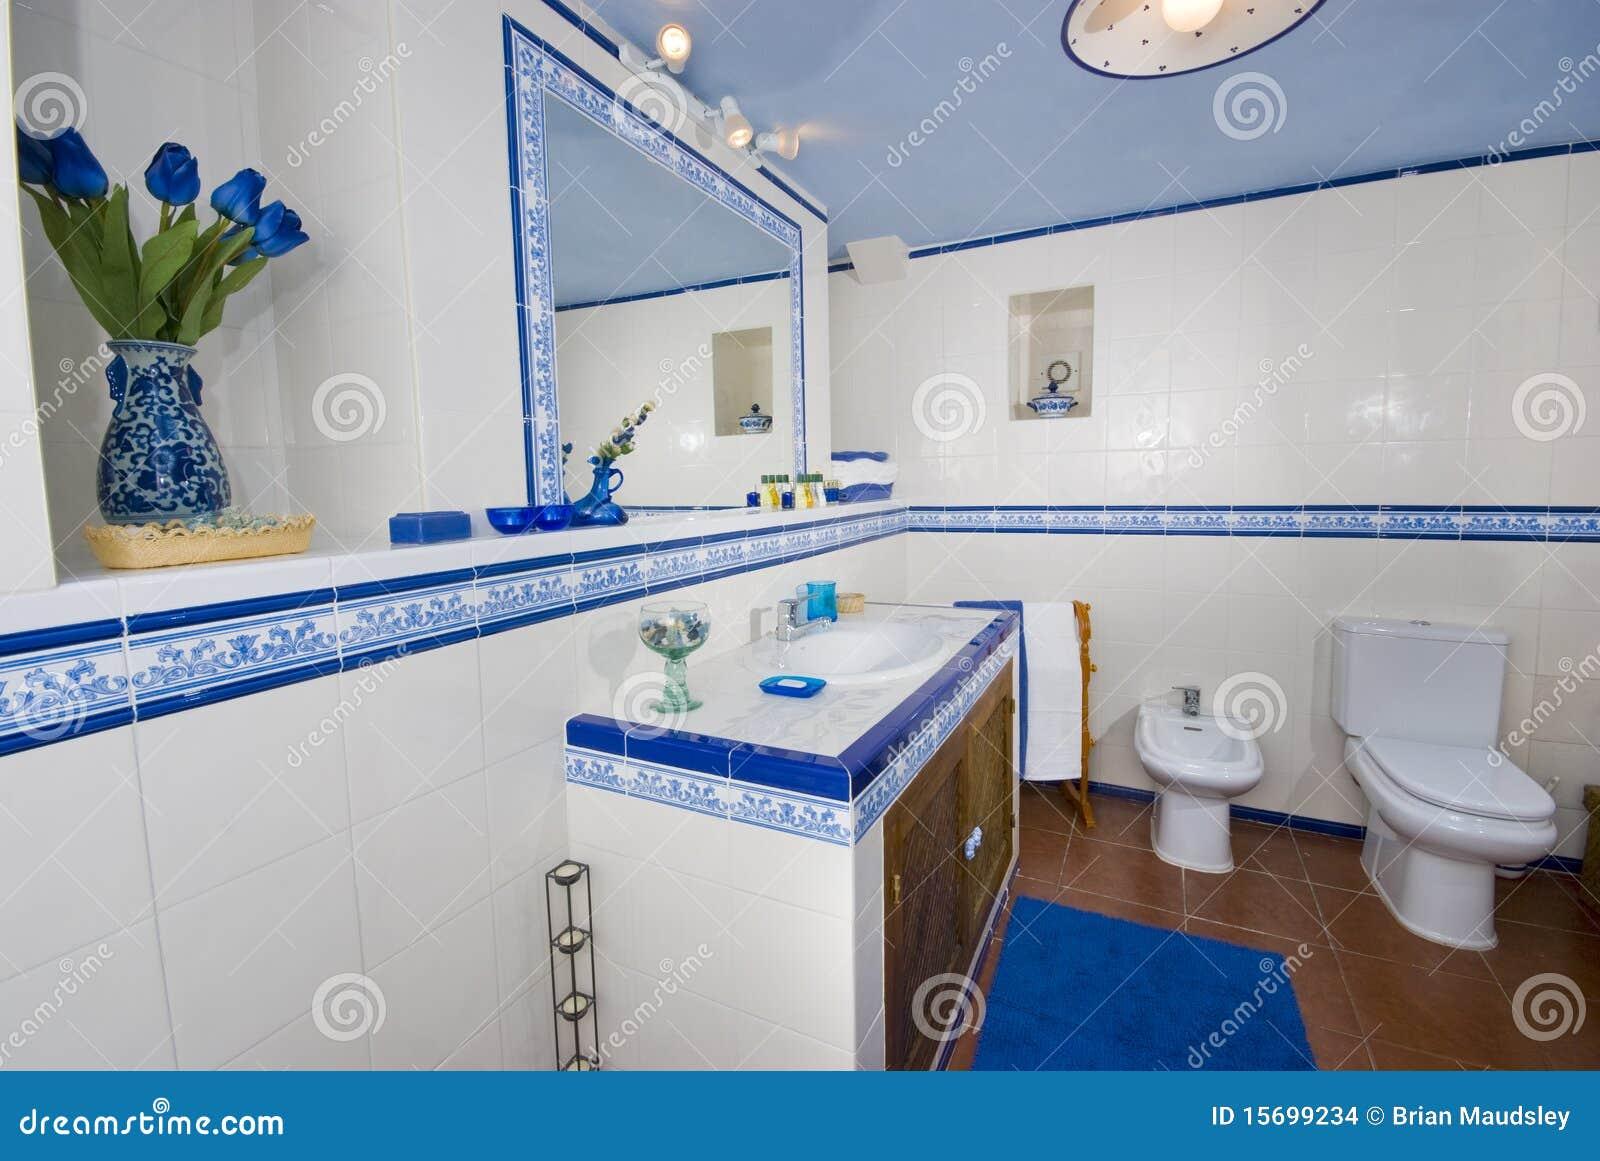 Cuarto de ba o r stico azul y blanco - Cuarto bano rustico ...